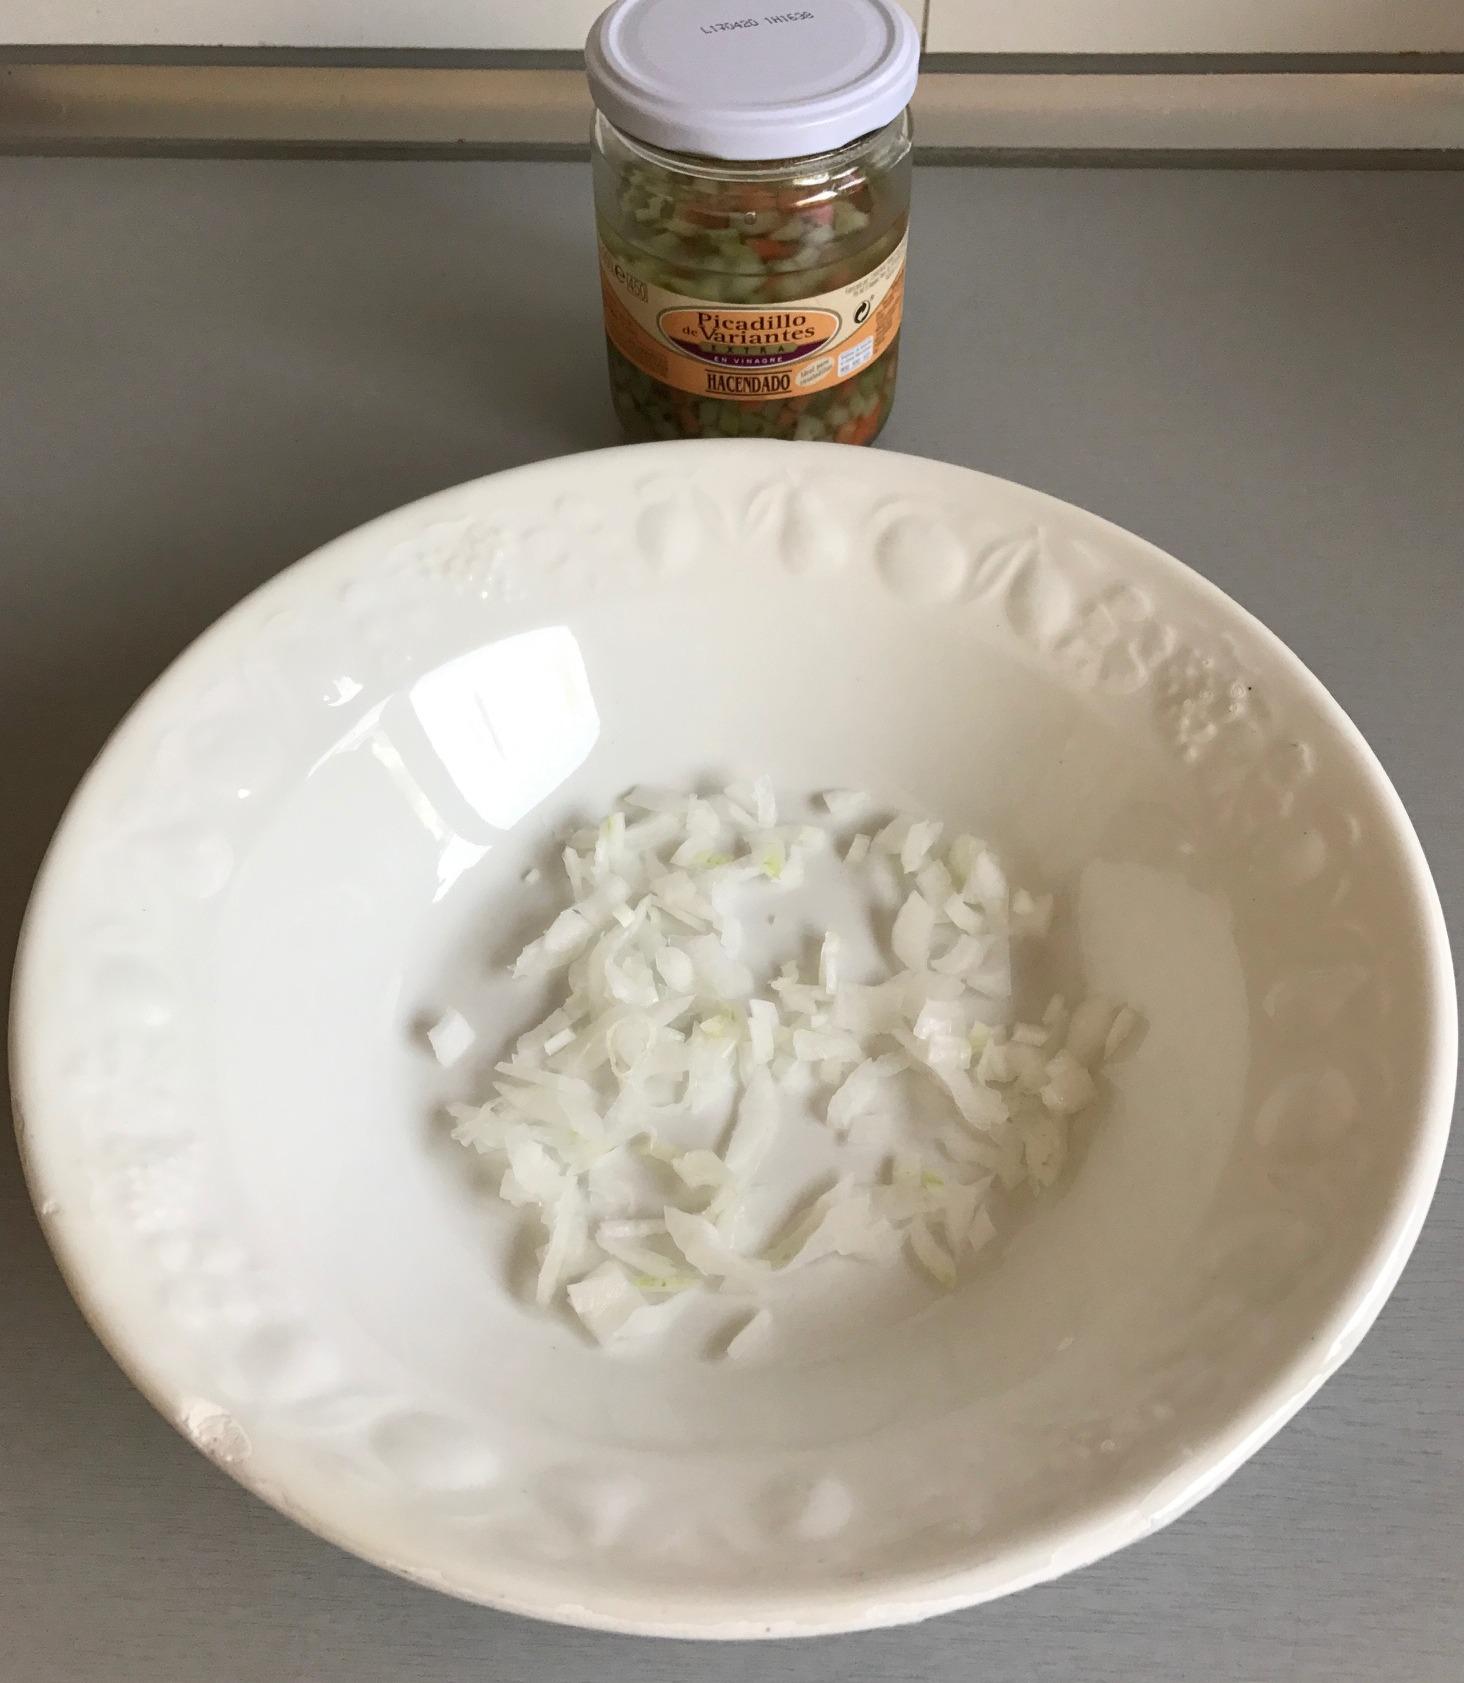 Añadimos las verduritas en vinagre escurridas